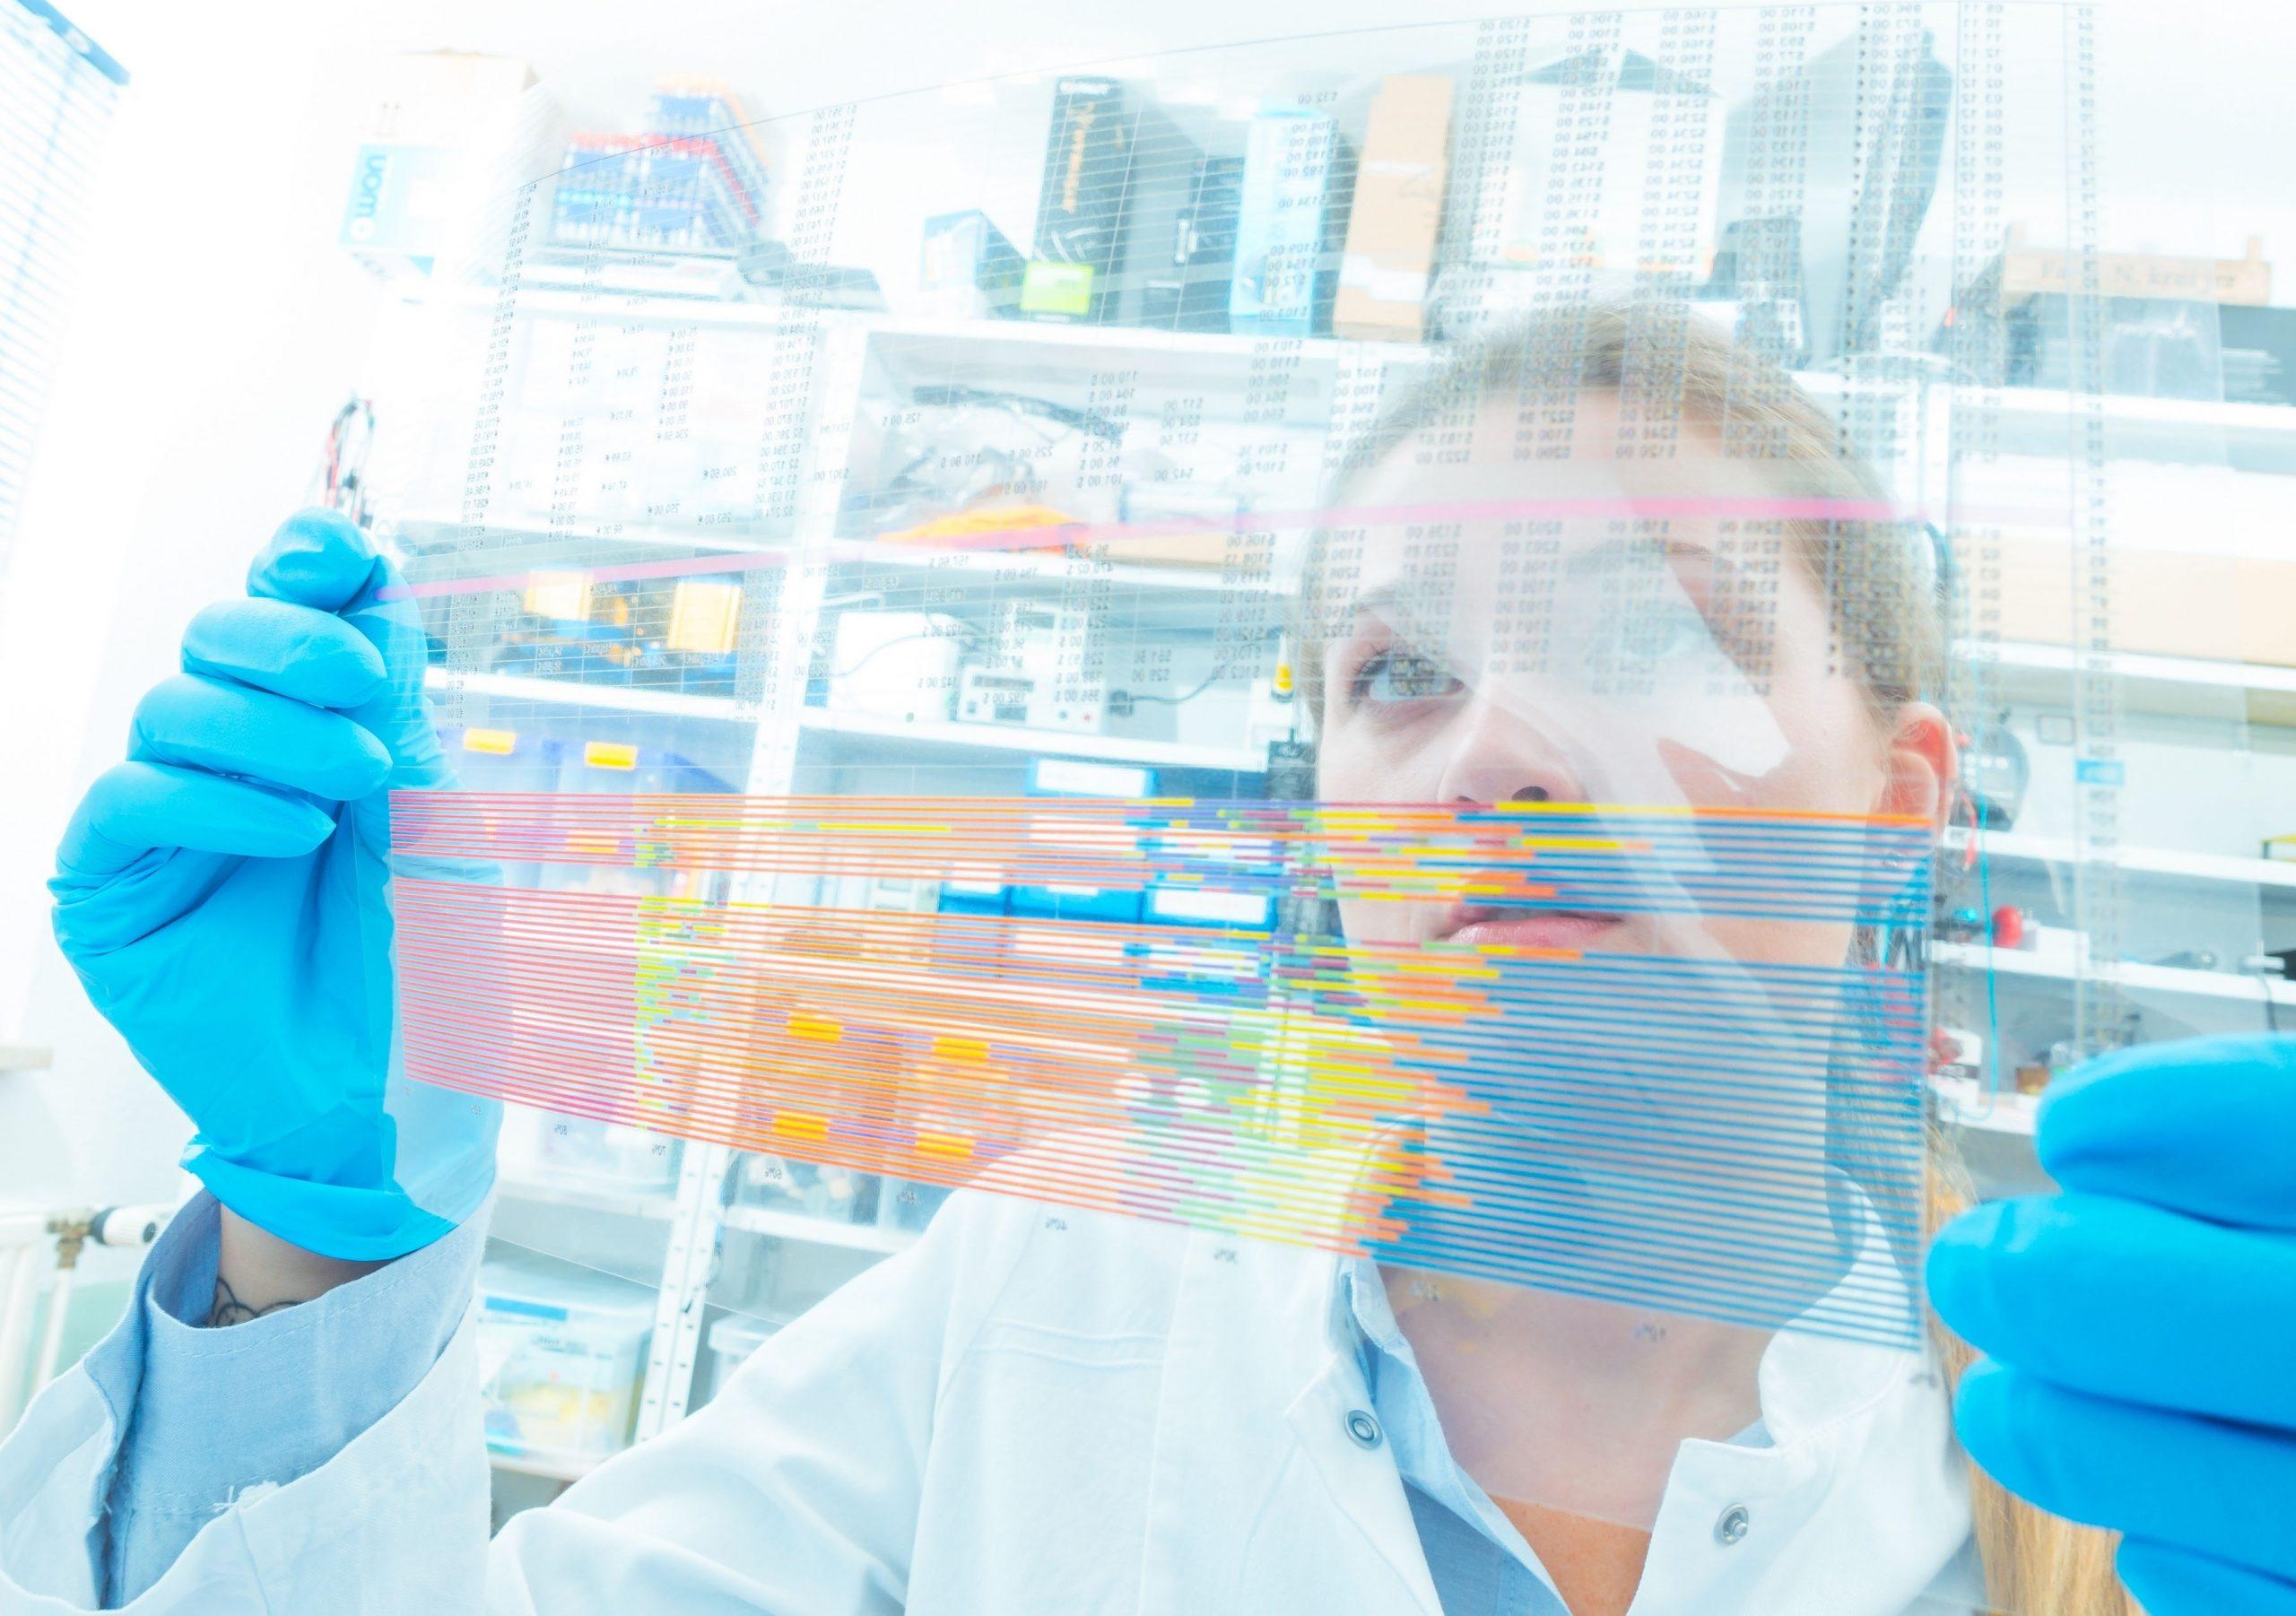 20_genetic_testing_shutterstock_1